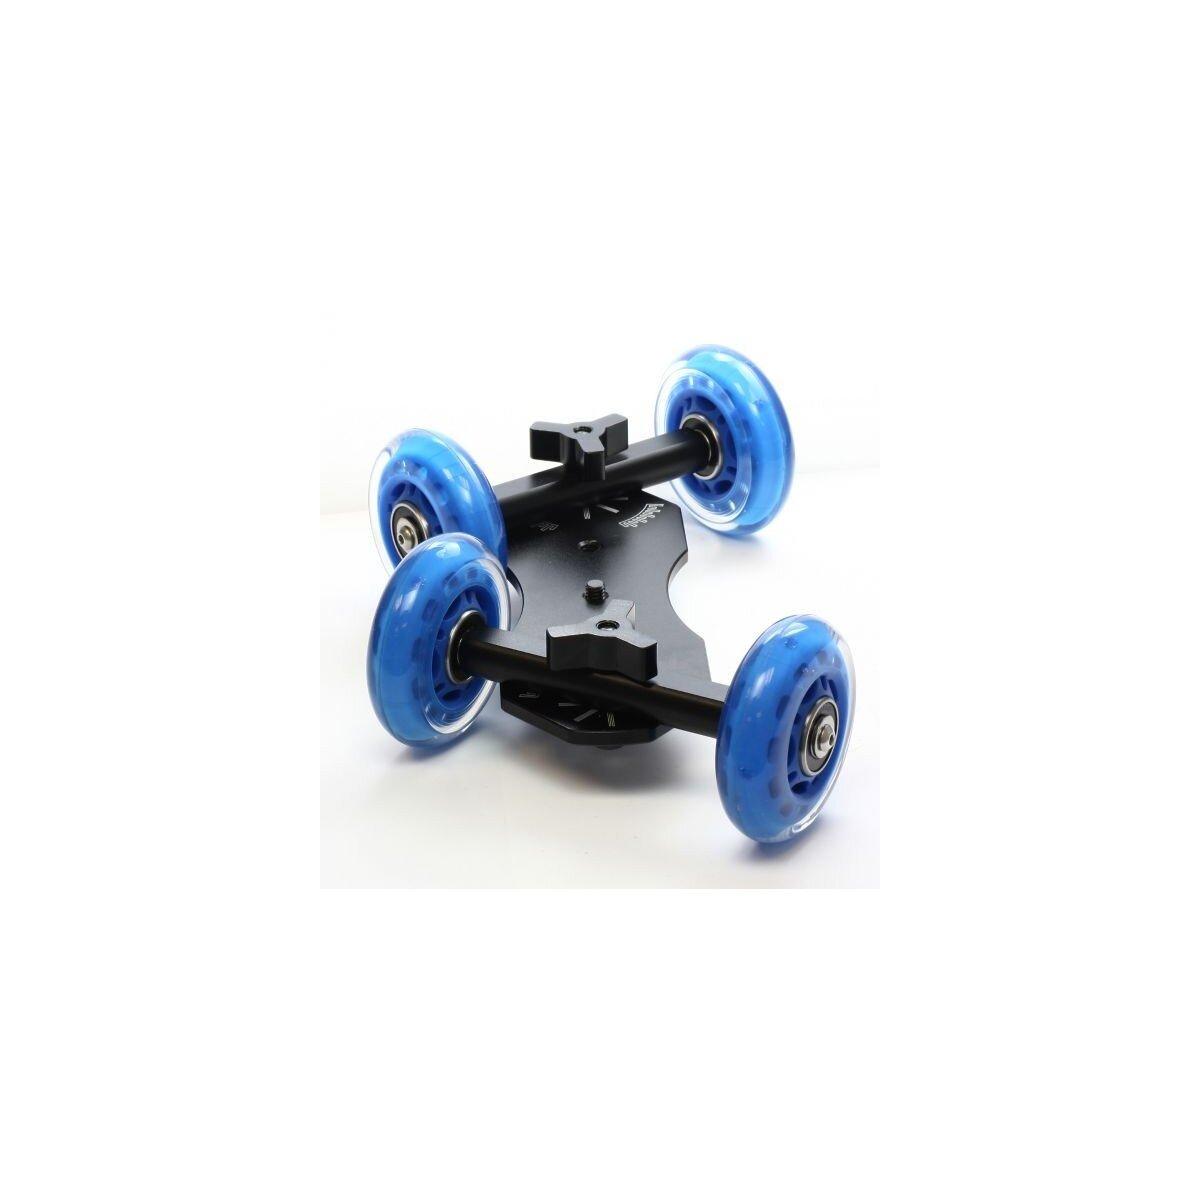 Table Dolly Mini Skaterdolly Kamerawagen fuer Kamera- und Kurvenfahrt mit DSLR Systemkamera oder Camcorder